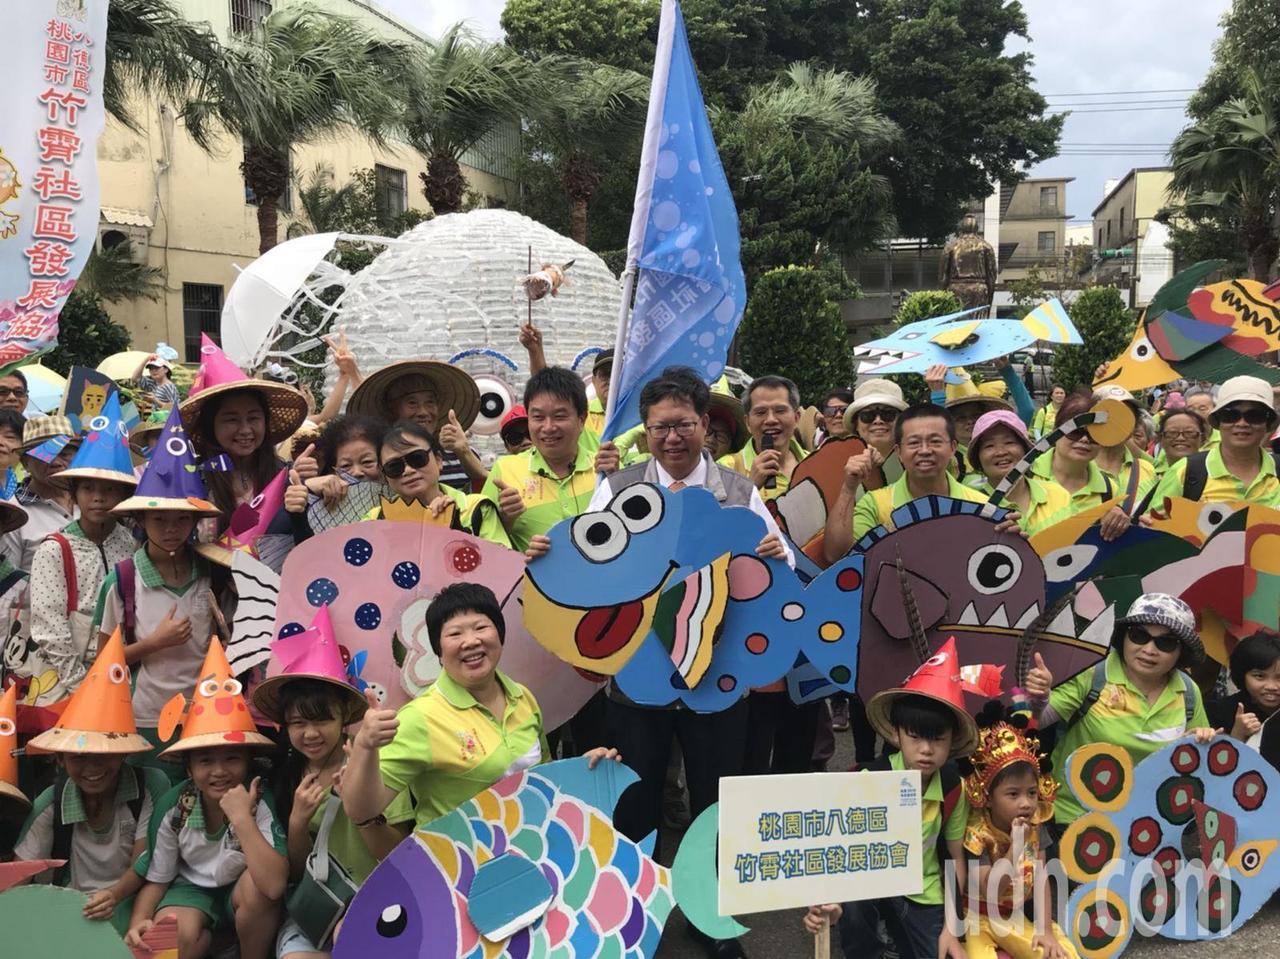 桃園地景藝術節昨天在楊梅富岡老街,熱鬧舉行「百魚遊富岡─魚兒回娘家」踩街遊行活動...